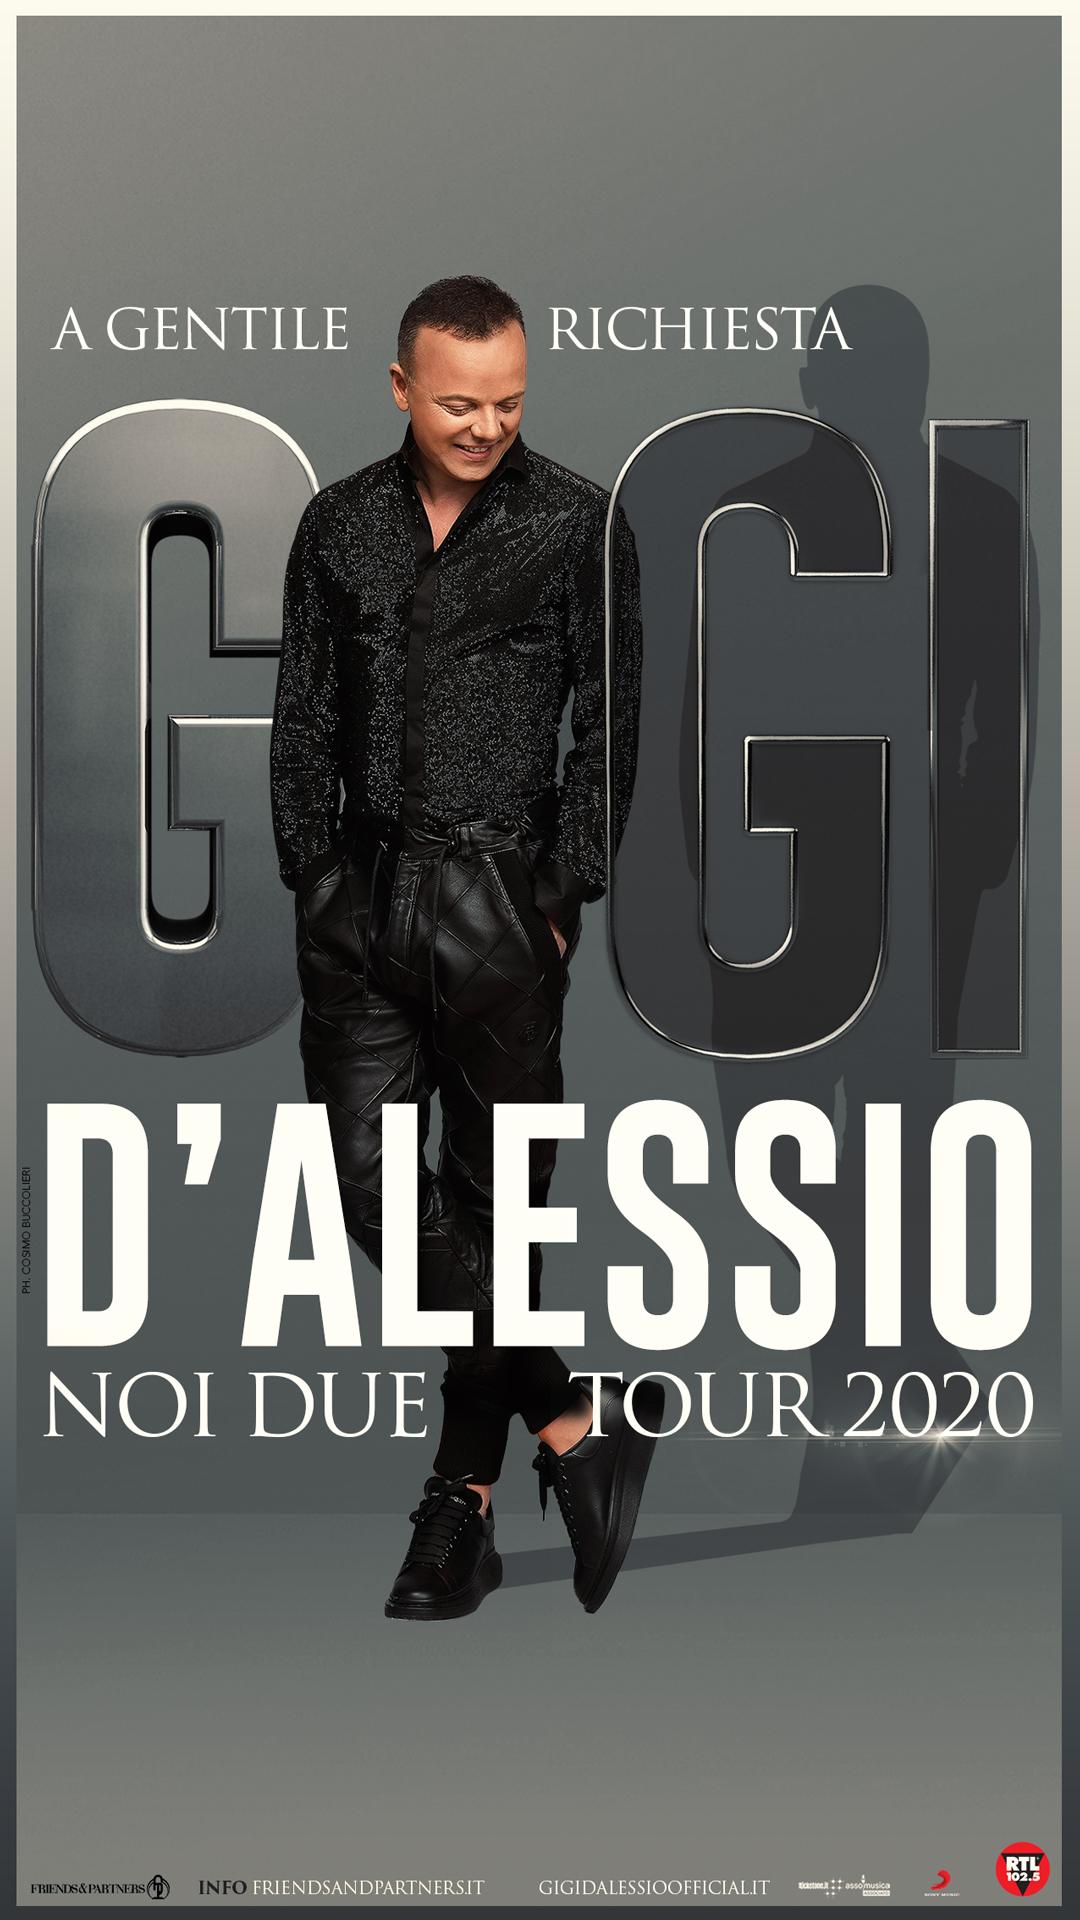 GIGI DALESSIO TOUR 2020